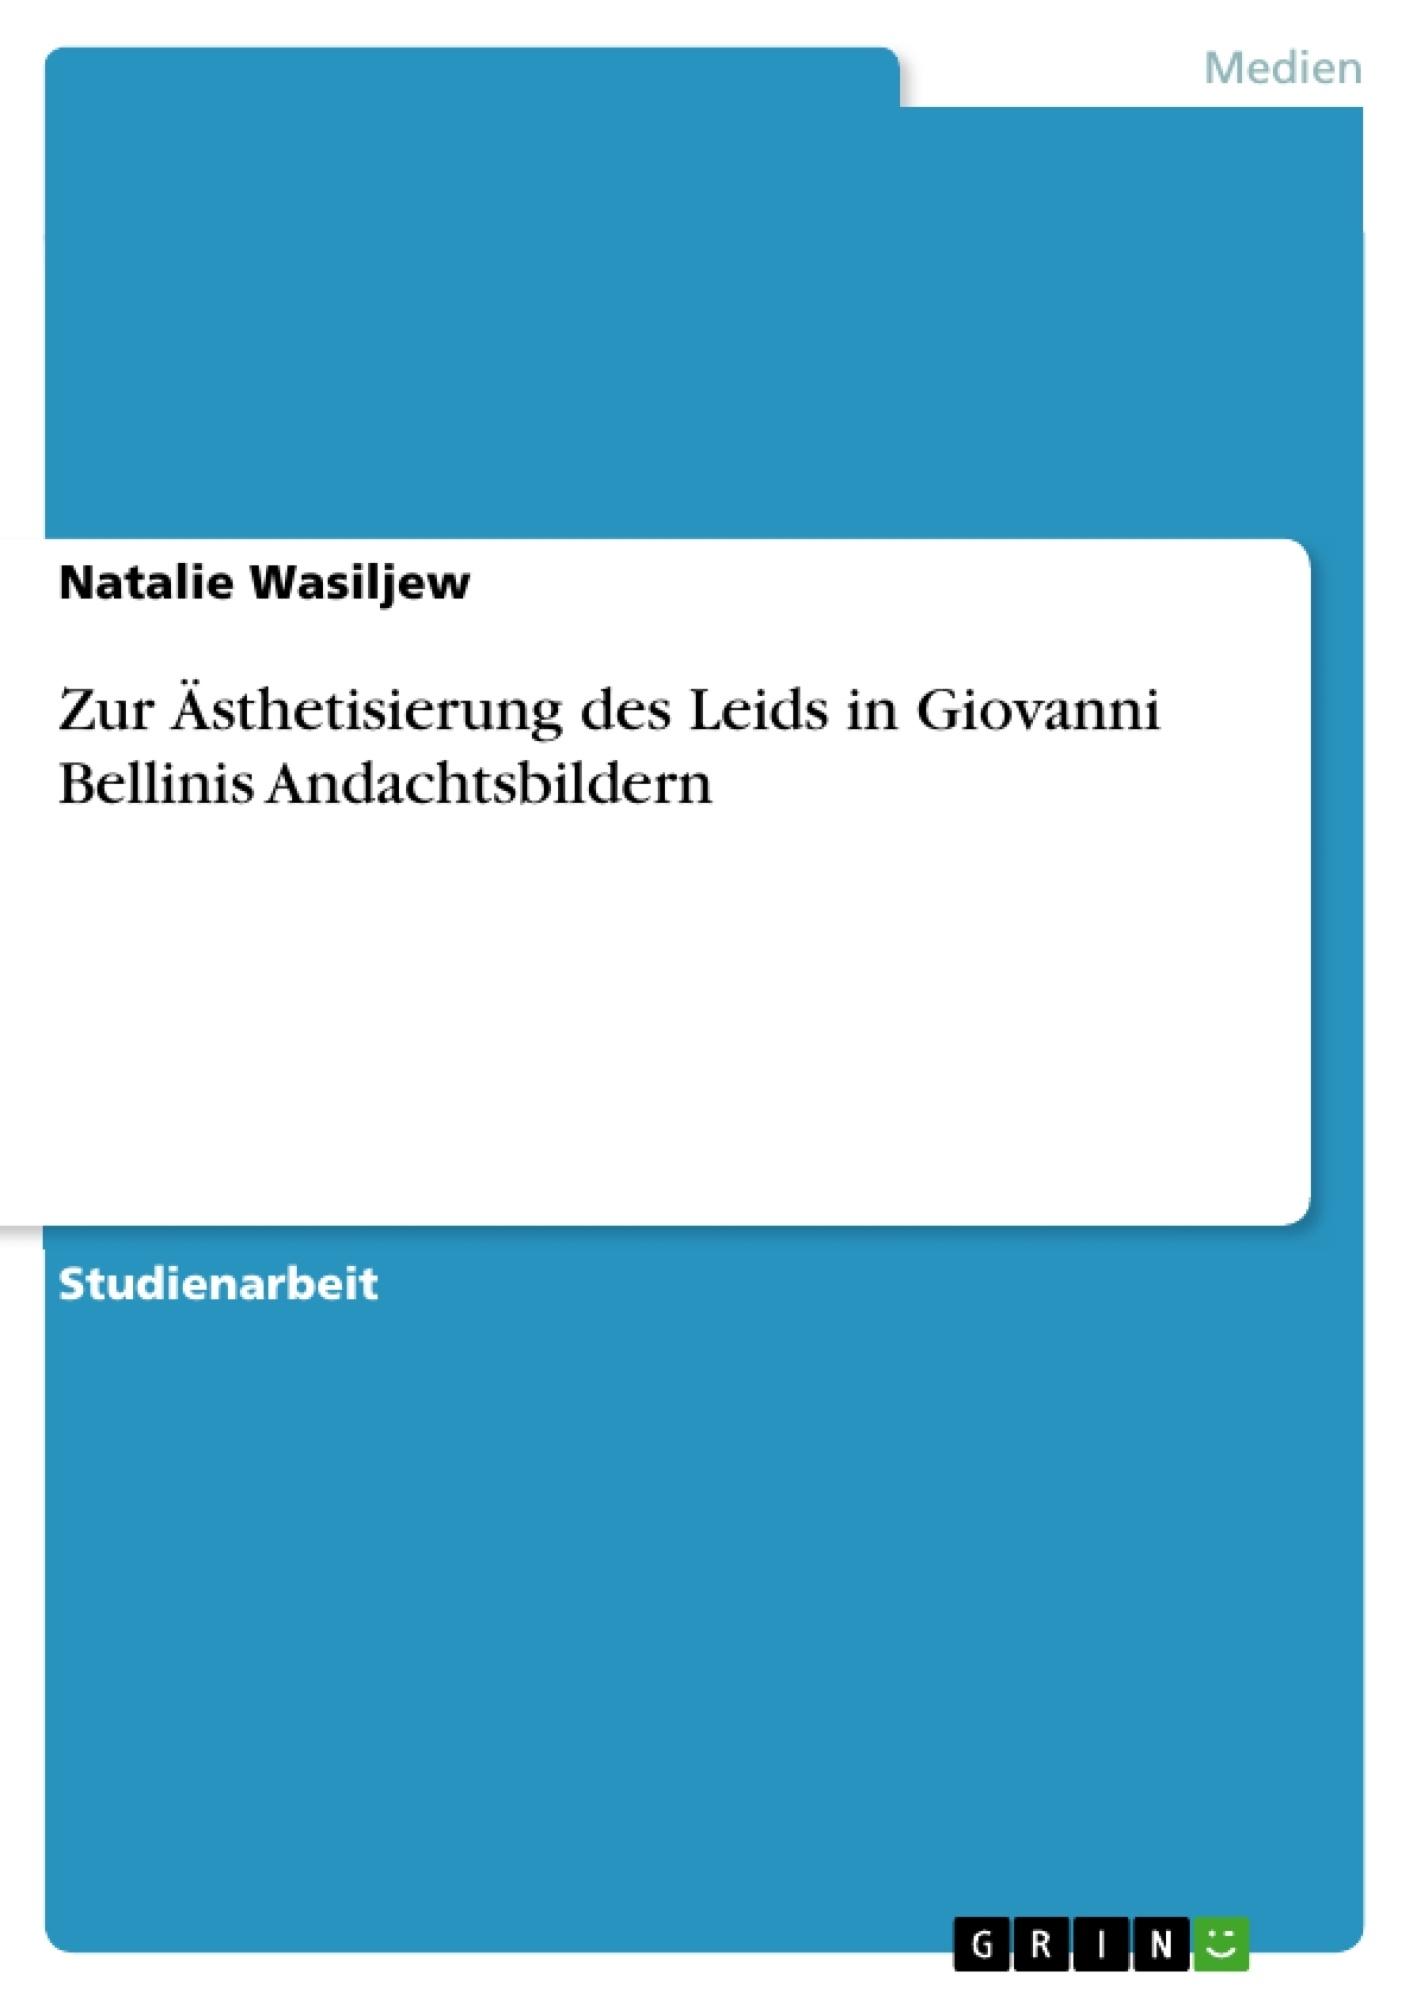 Titel: Zur Ästhetisierung des Leids in Giovanni Bellinis Andachtsbildern